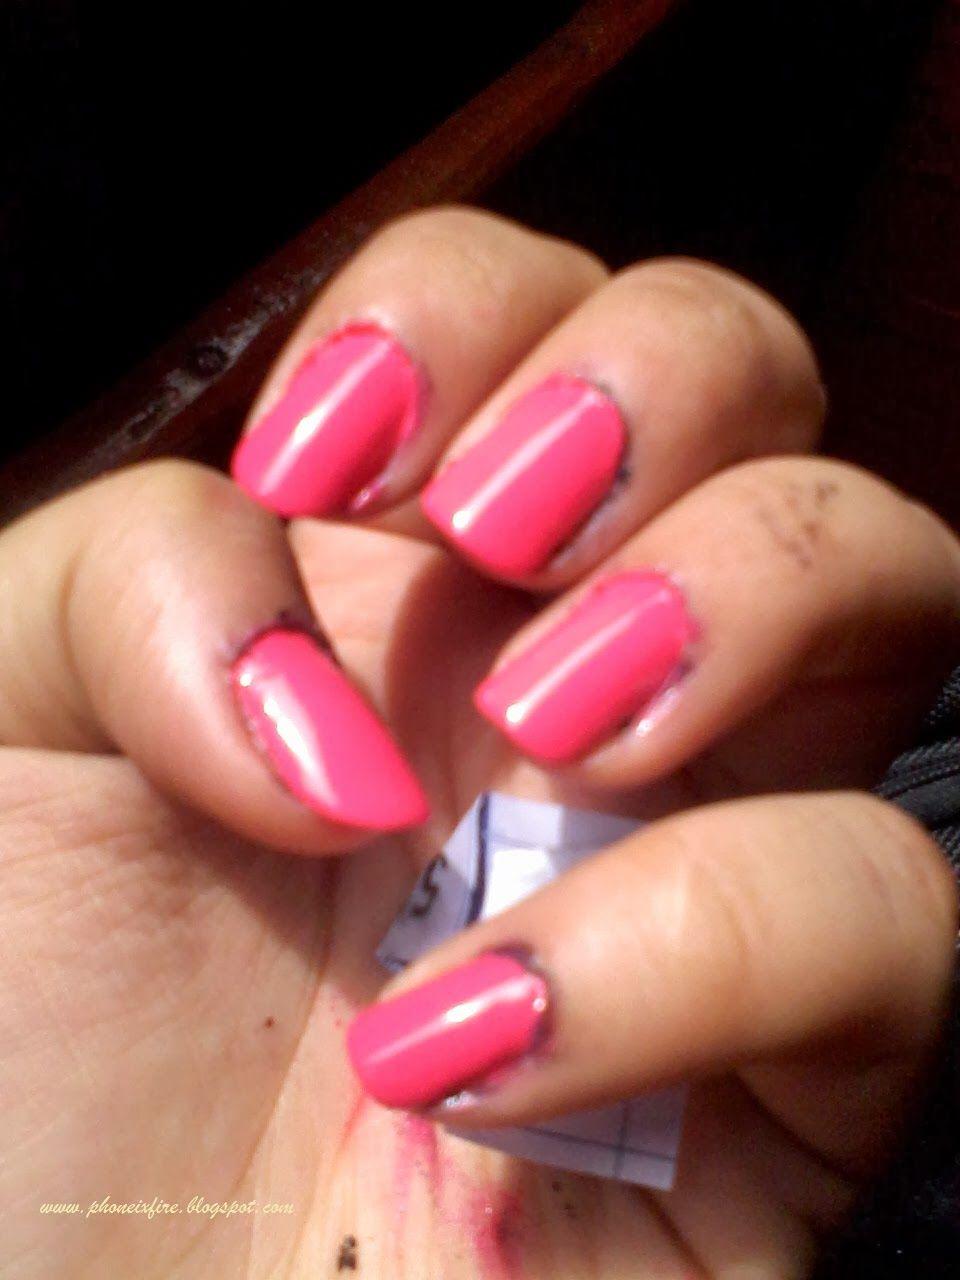 streetwear. #nail polish, #neon #pink #nails | Black Beauty ...